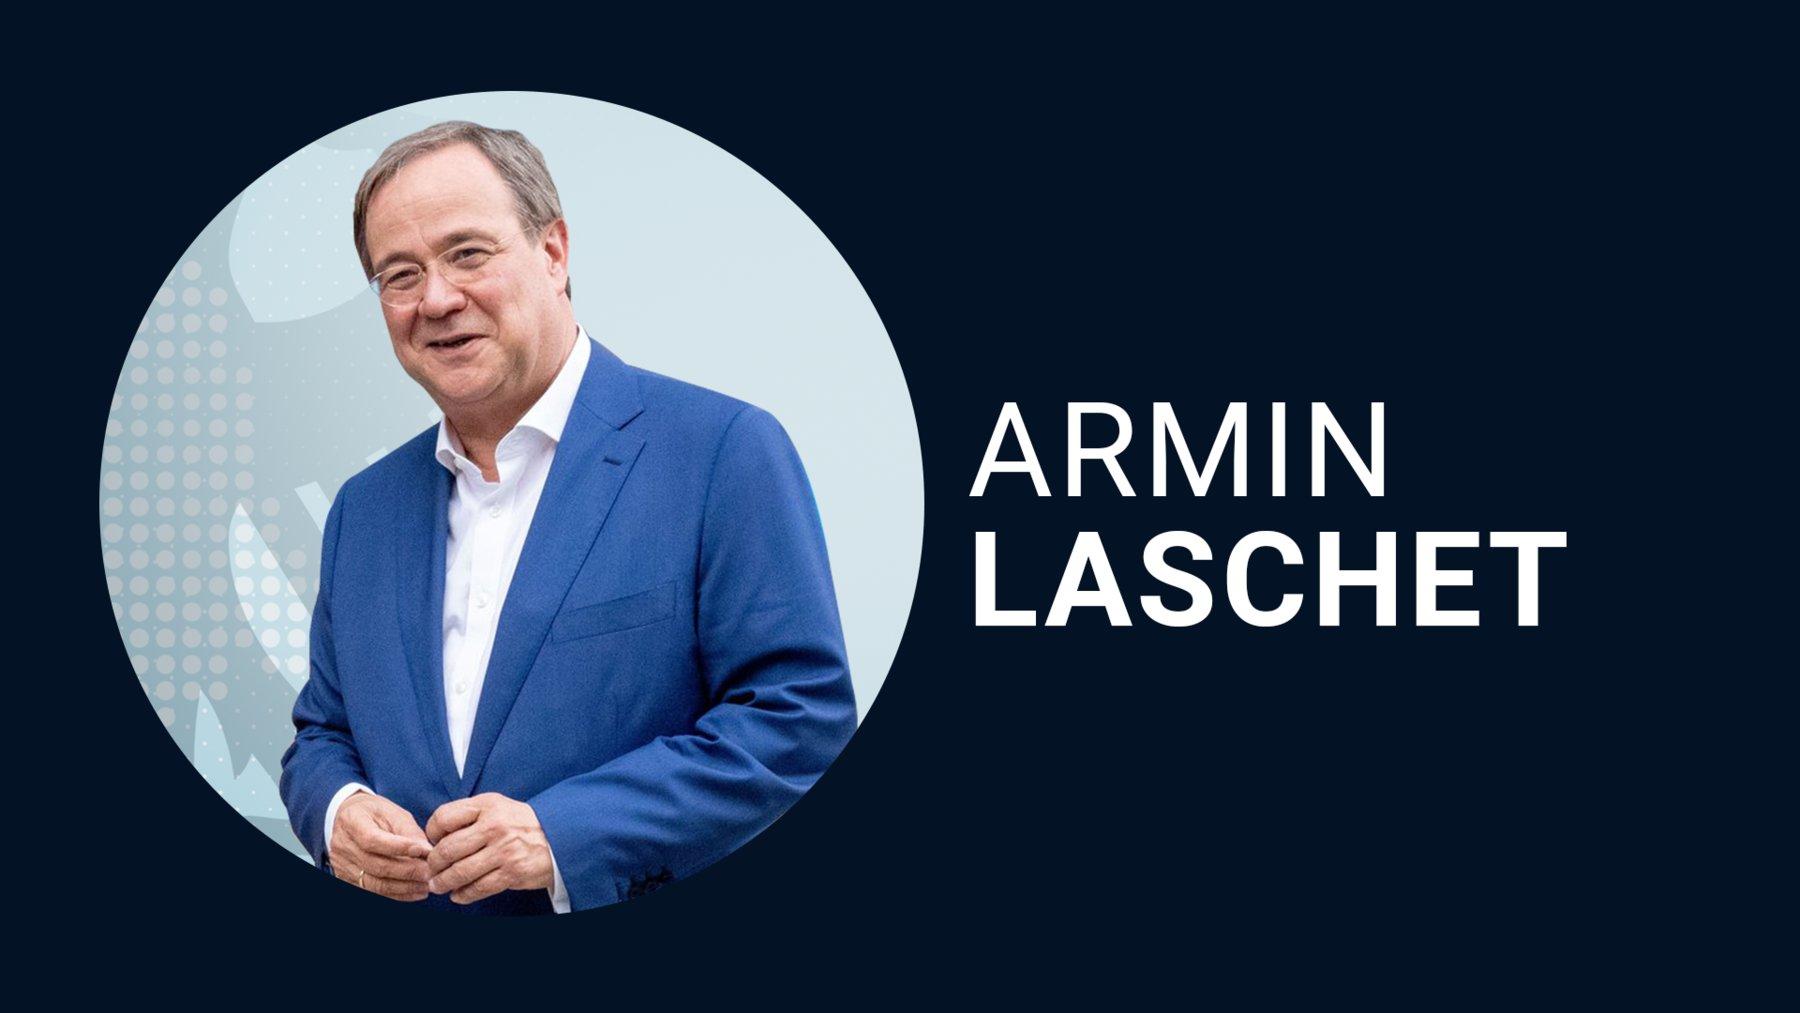 Armin Laschet für die CDU